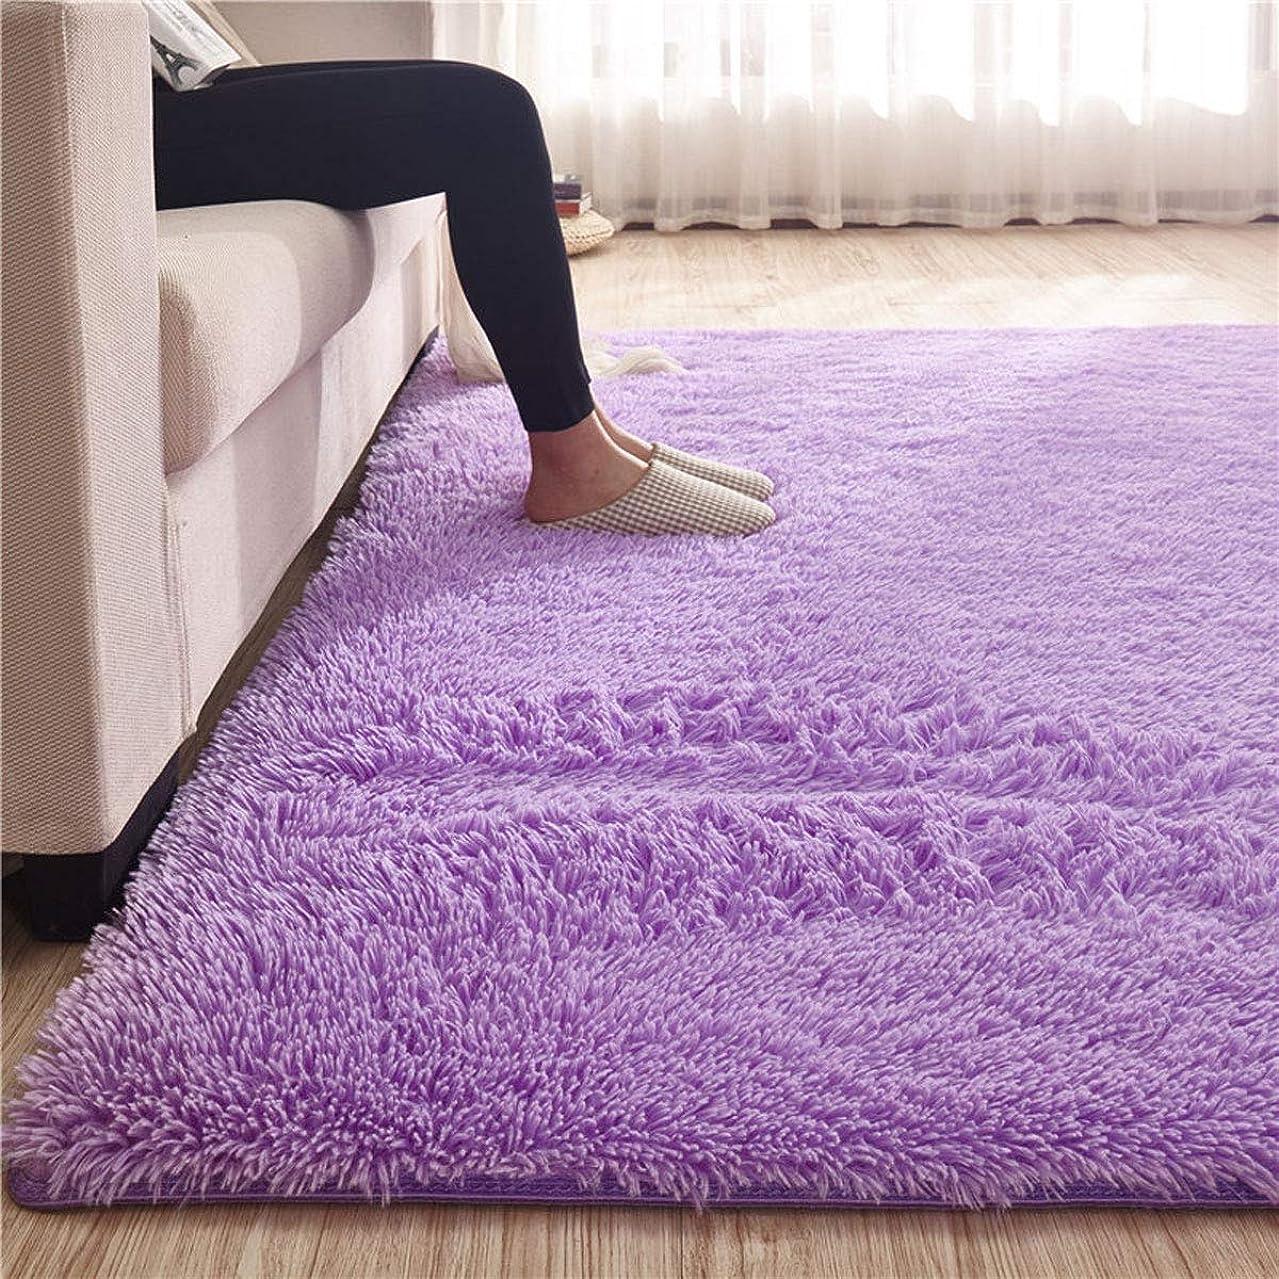 一部在庫許容カーペット 60*160cm (約0.5畳) ラグマット 洗える 「Moras」 厚い 長方形 絨毯 防音 抗菌 消臭 防ダニ 滑り止め付き 北欧 センターラグ パープル